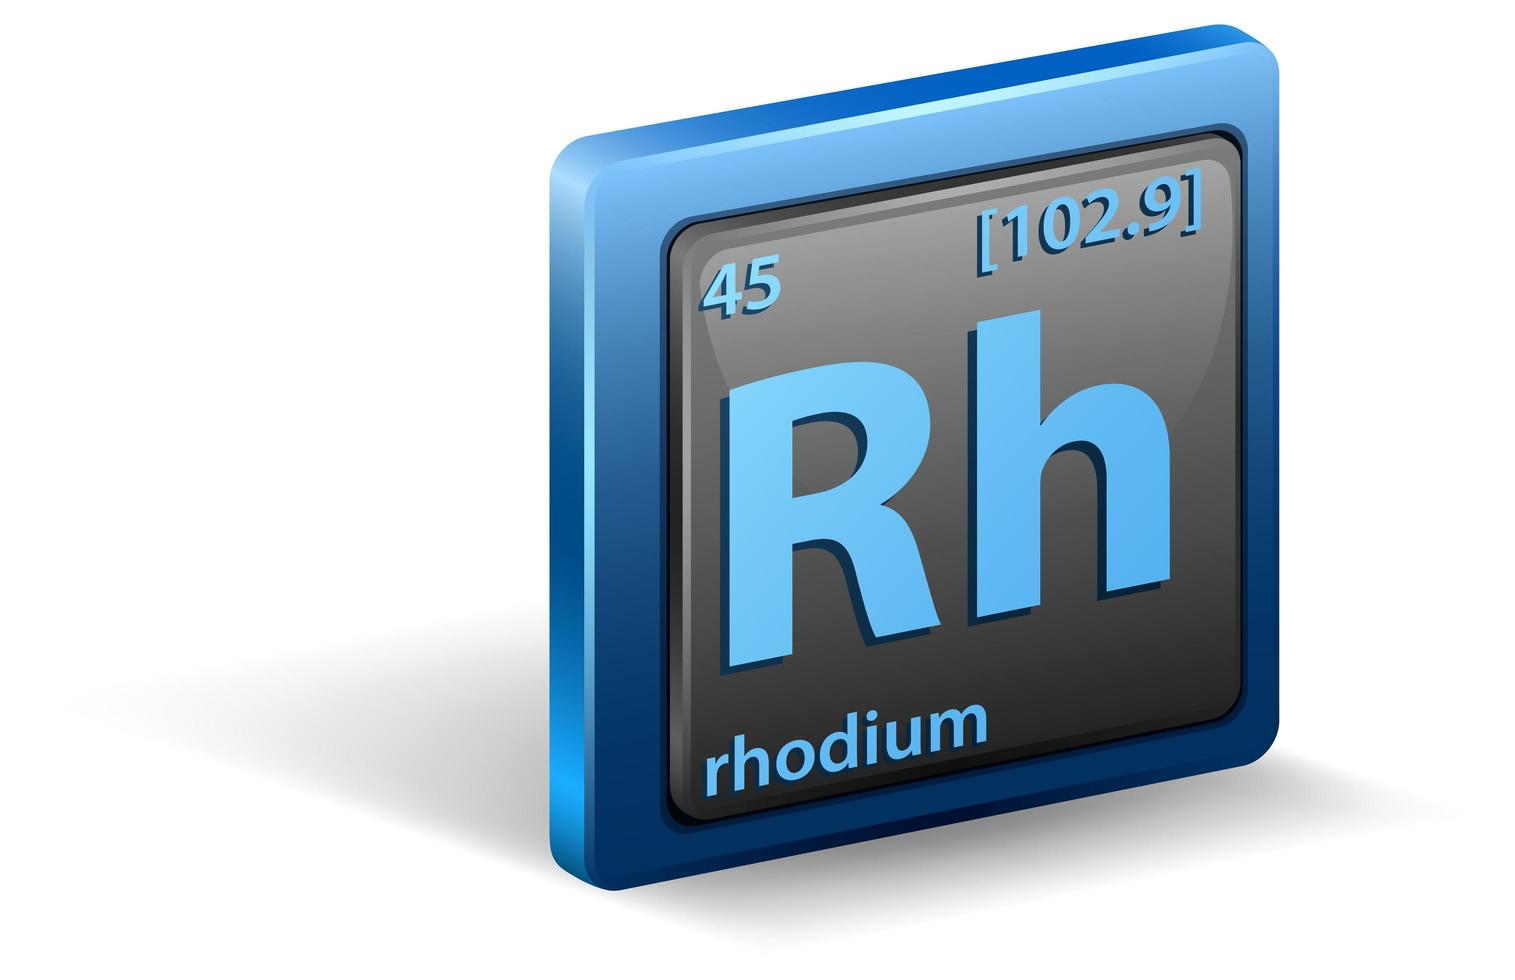 rhodium scheikundig element. chemisch symbool met atoomnummer en atoommassa. vector